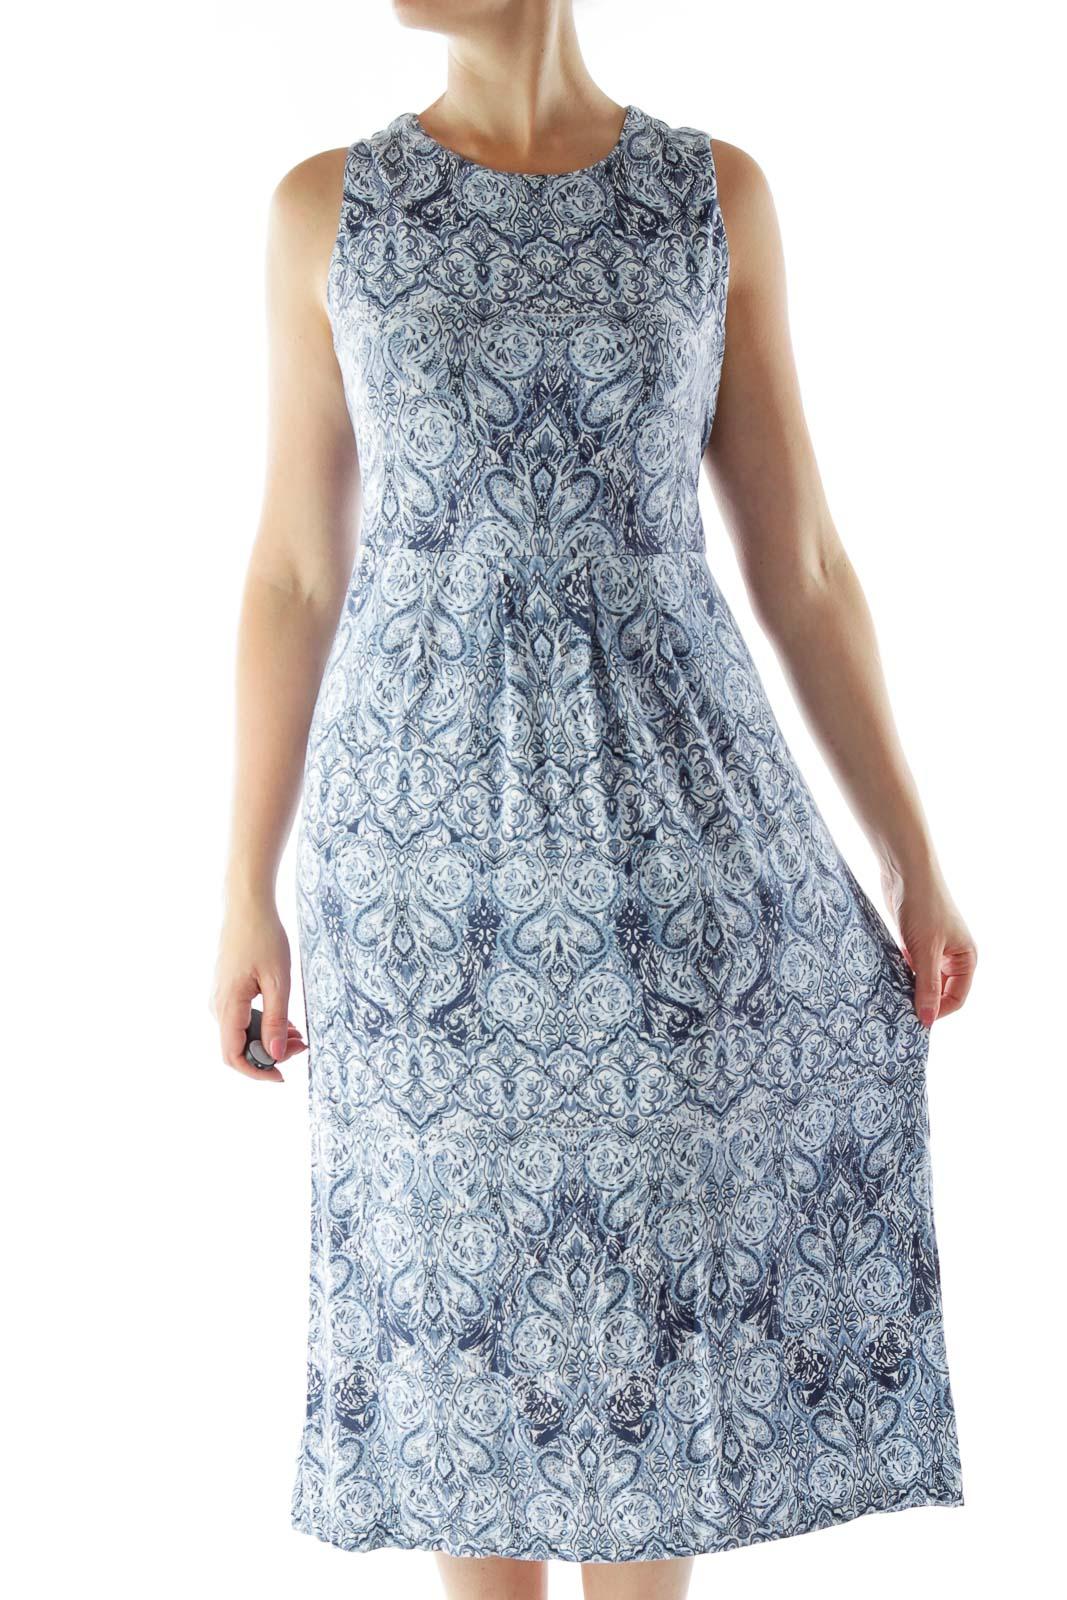 Blue White Print Jersey Dress